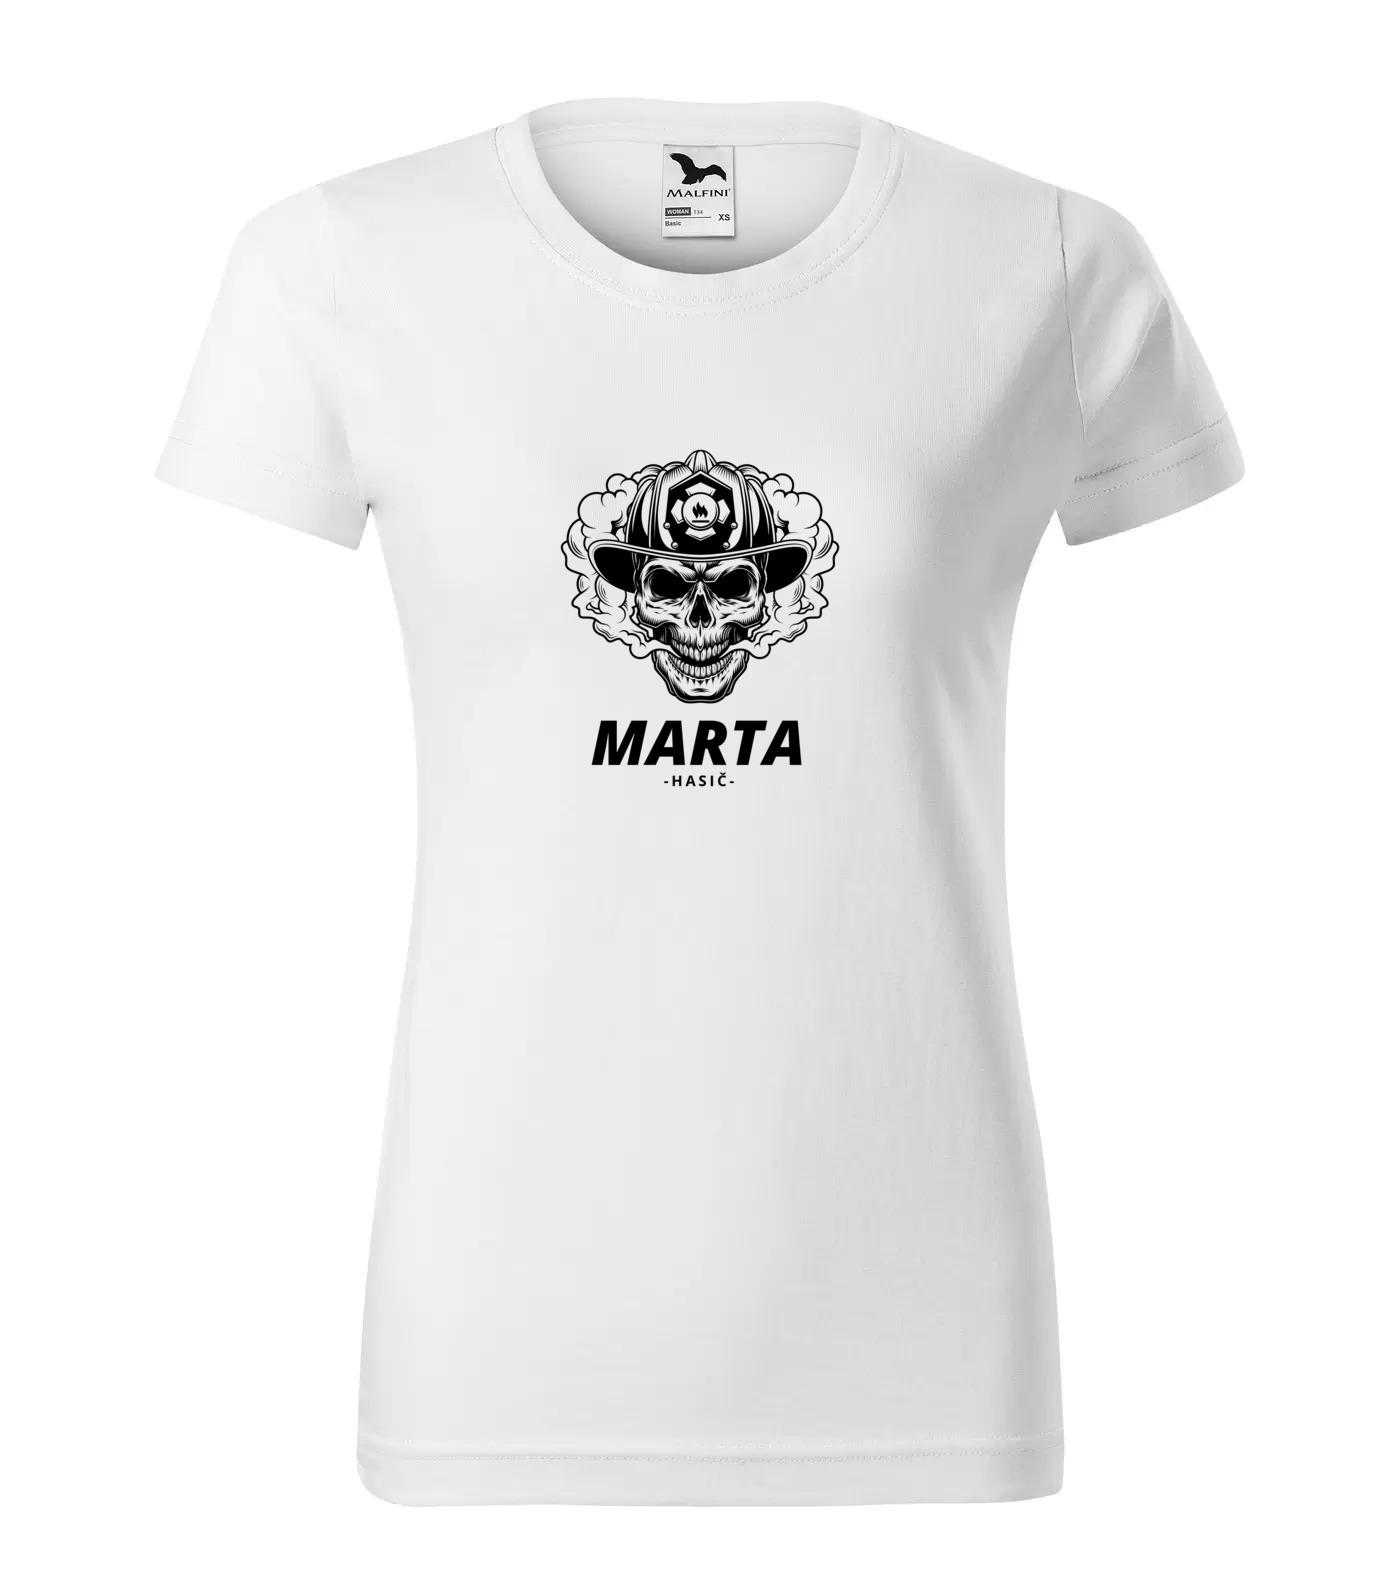 Tričko Hasič Marta